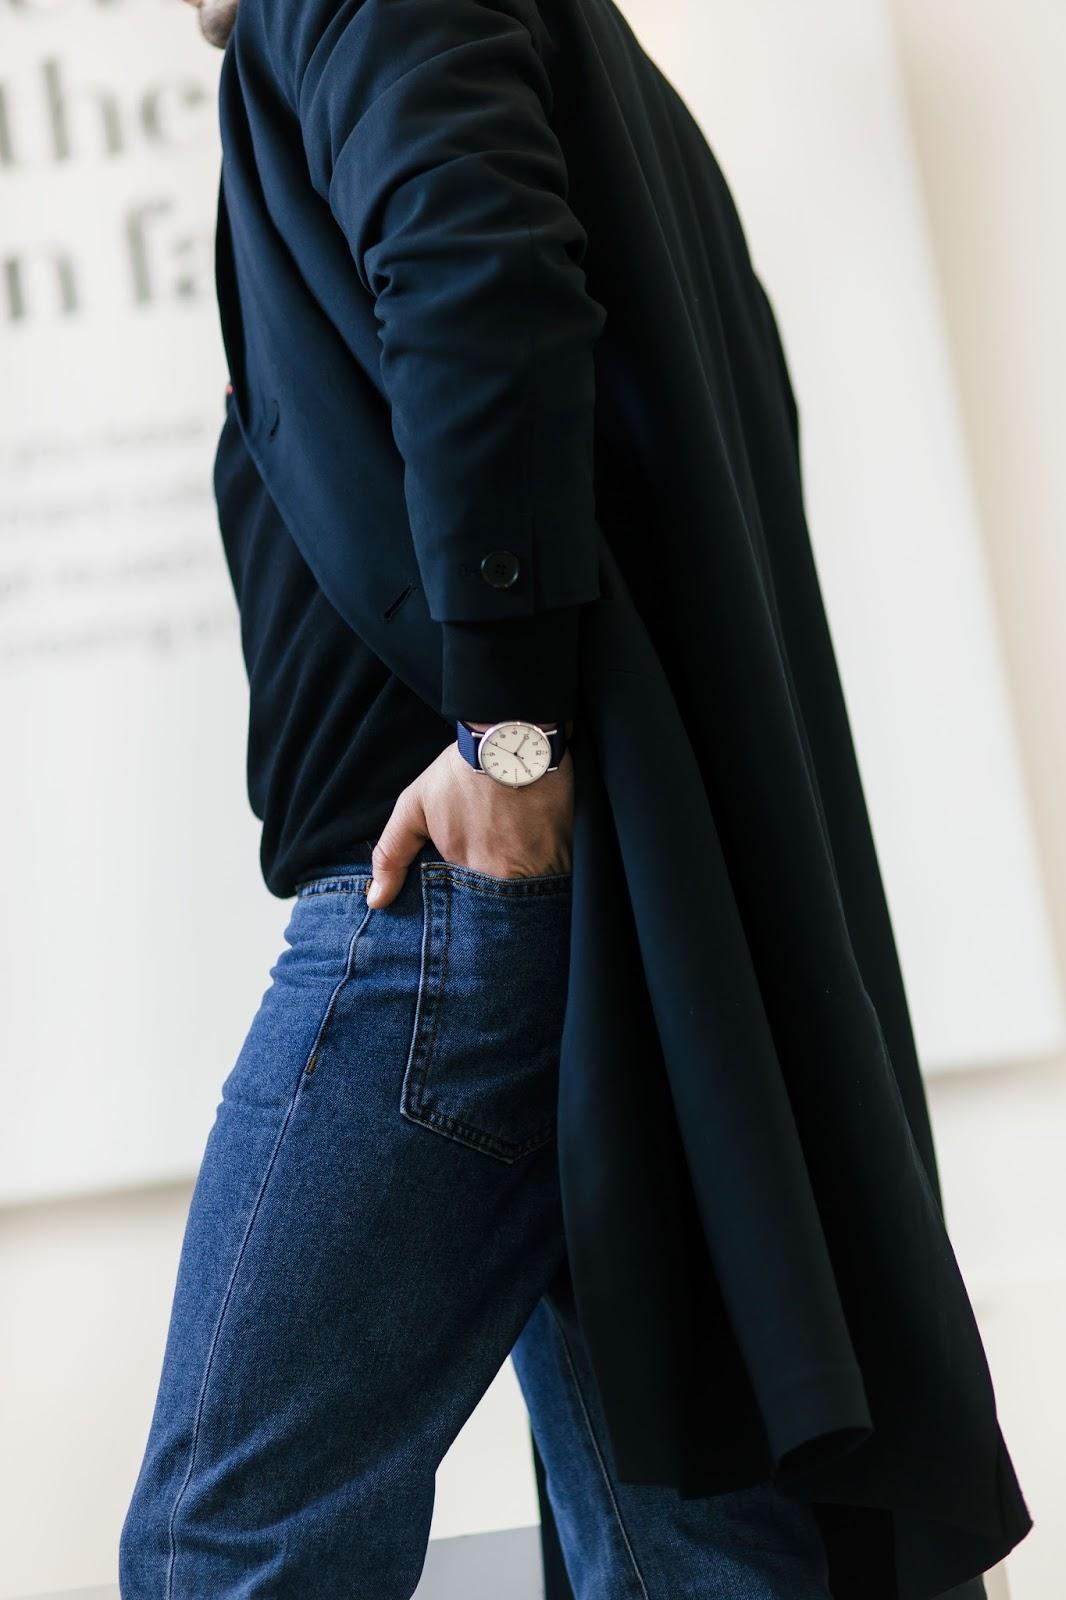 Gucci sneakers - najbardziej pożądany model butów tego sezonu